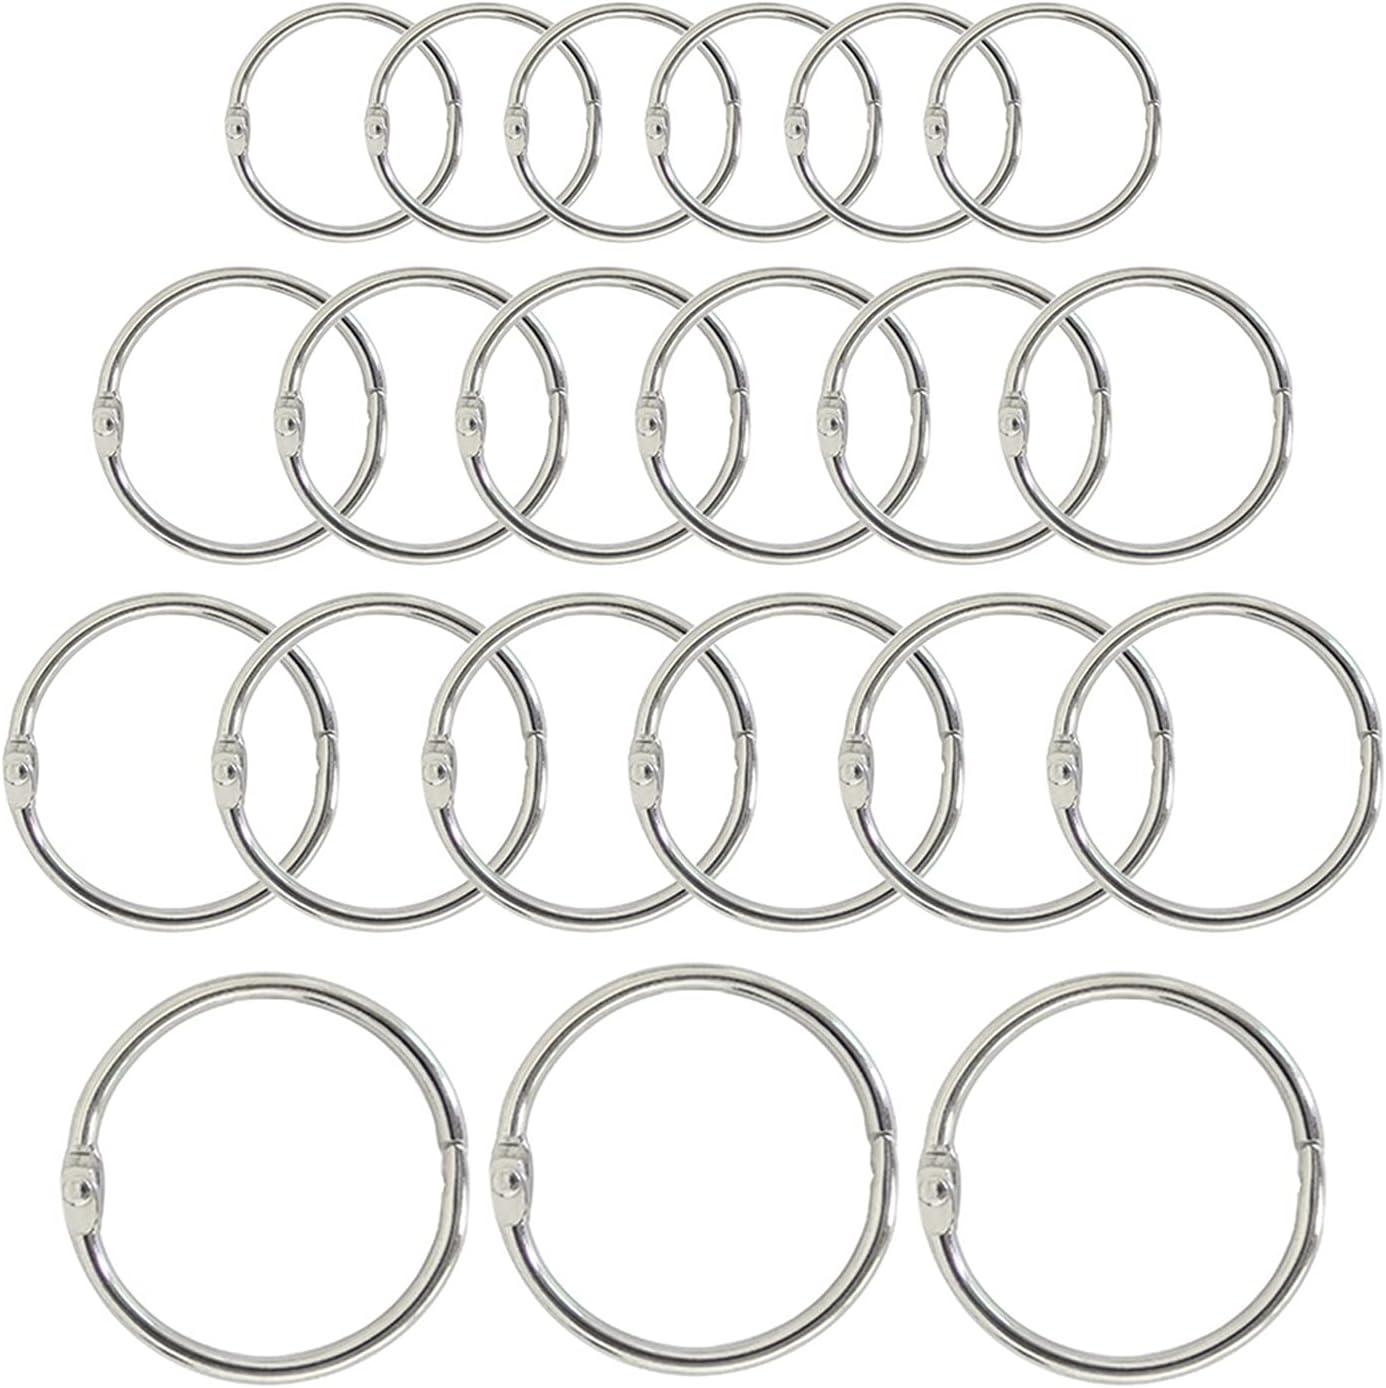 LQHZ Binder 5 10Pcs Metal Loose-Leaf Ring Sales for sale Max 85% OFF 15-80mm Albums